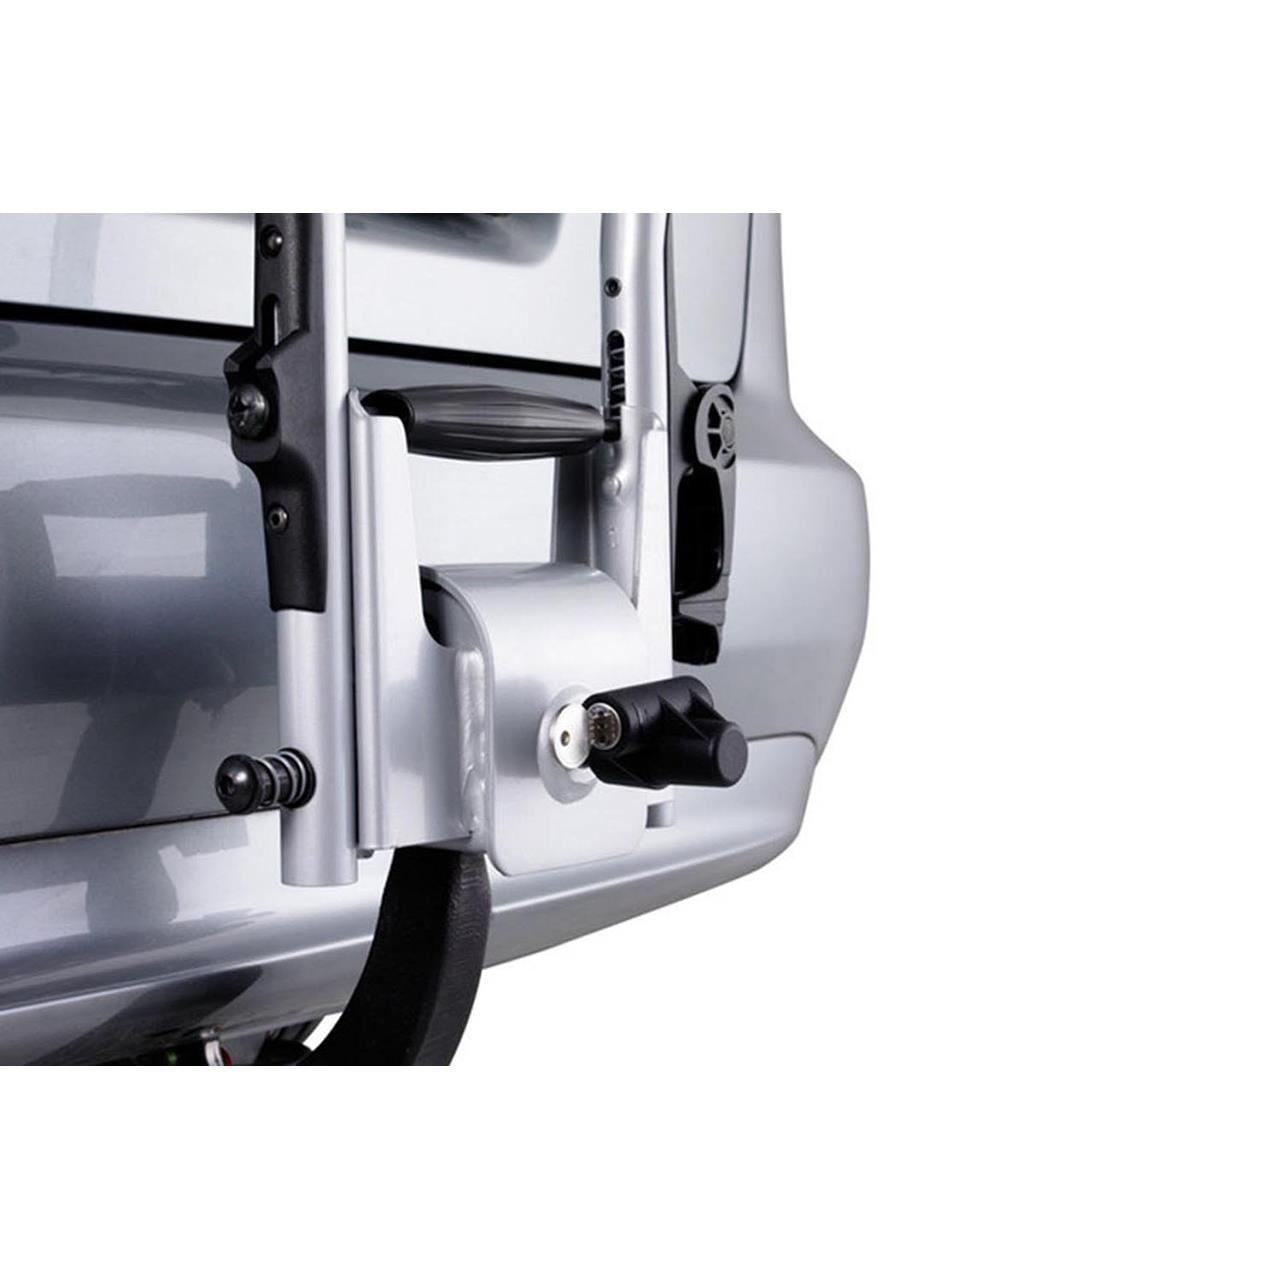 Sistem antifurt Thule Lock 957 2